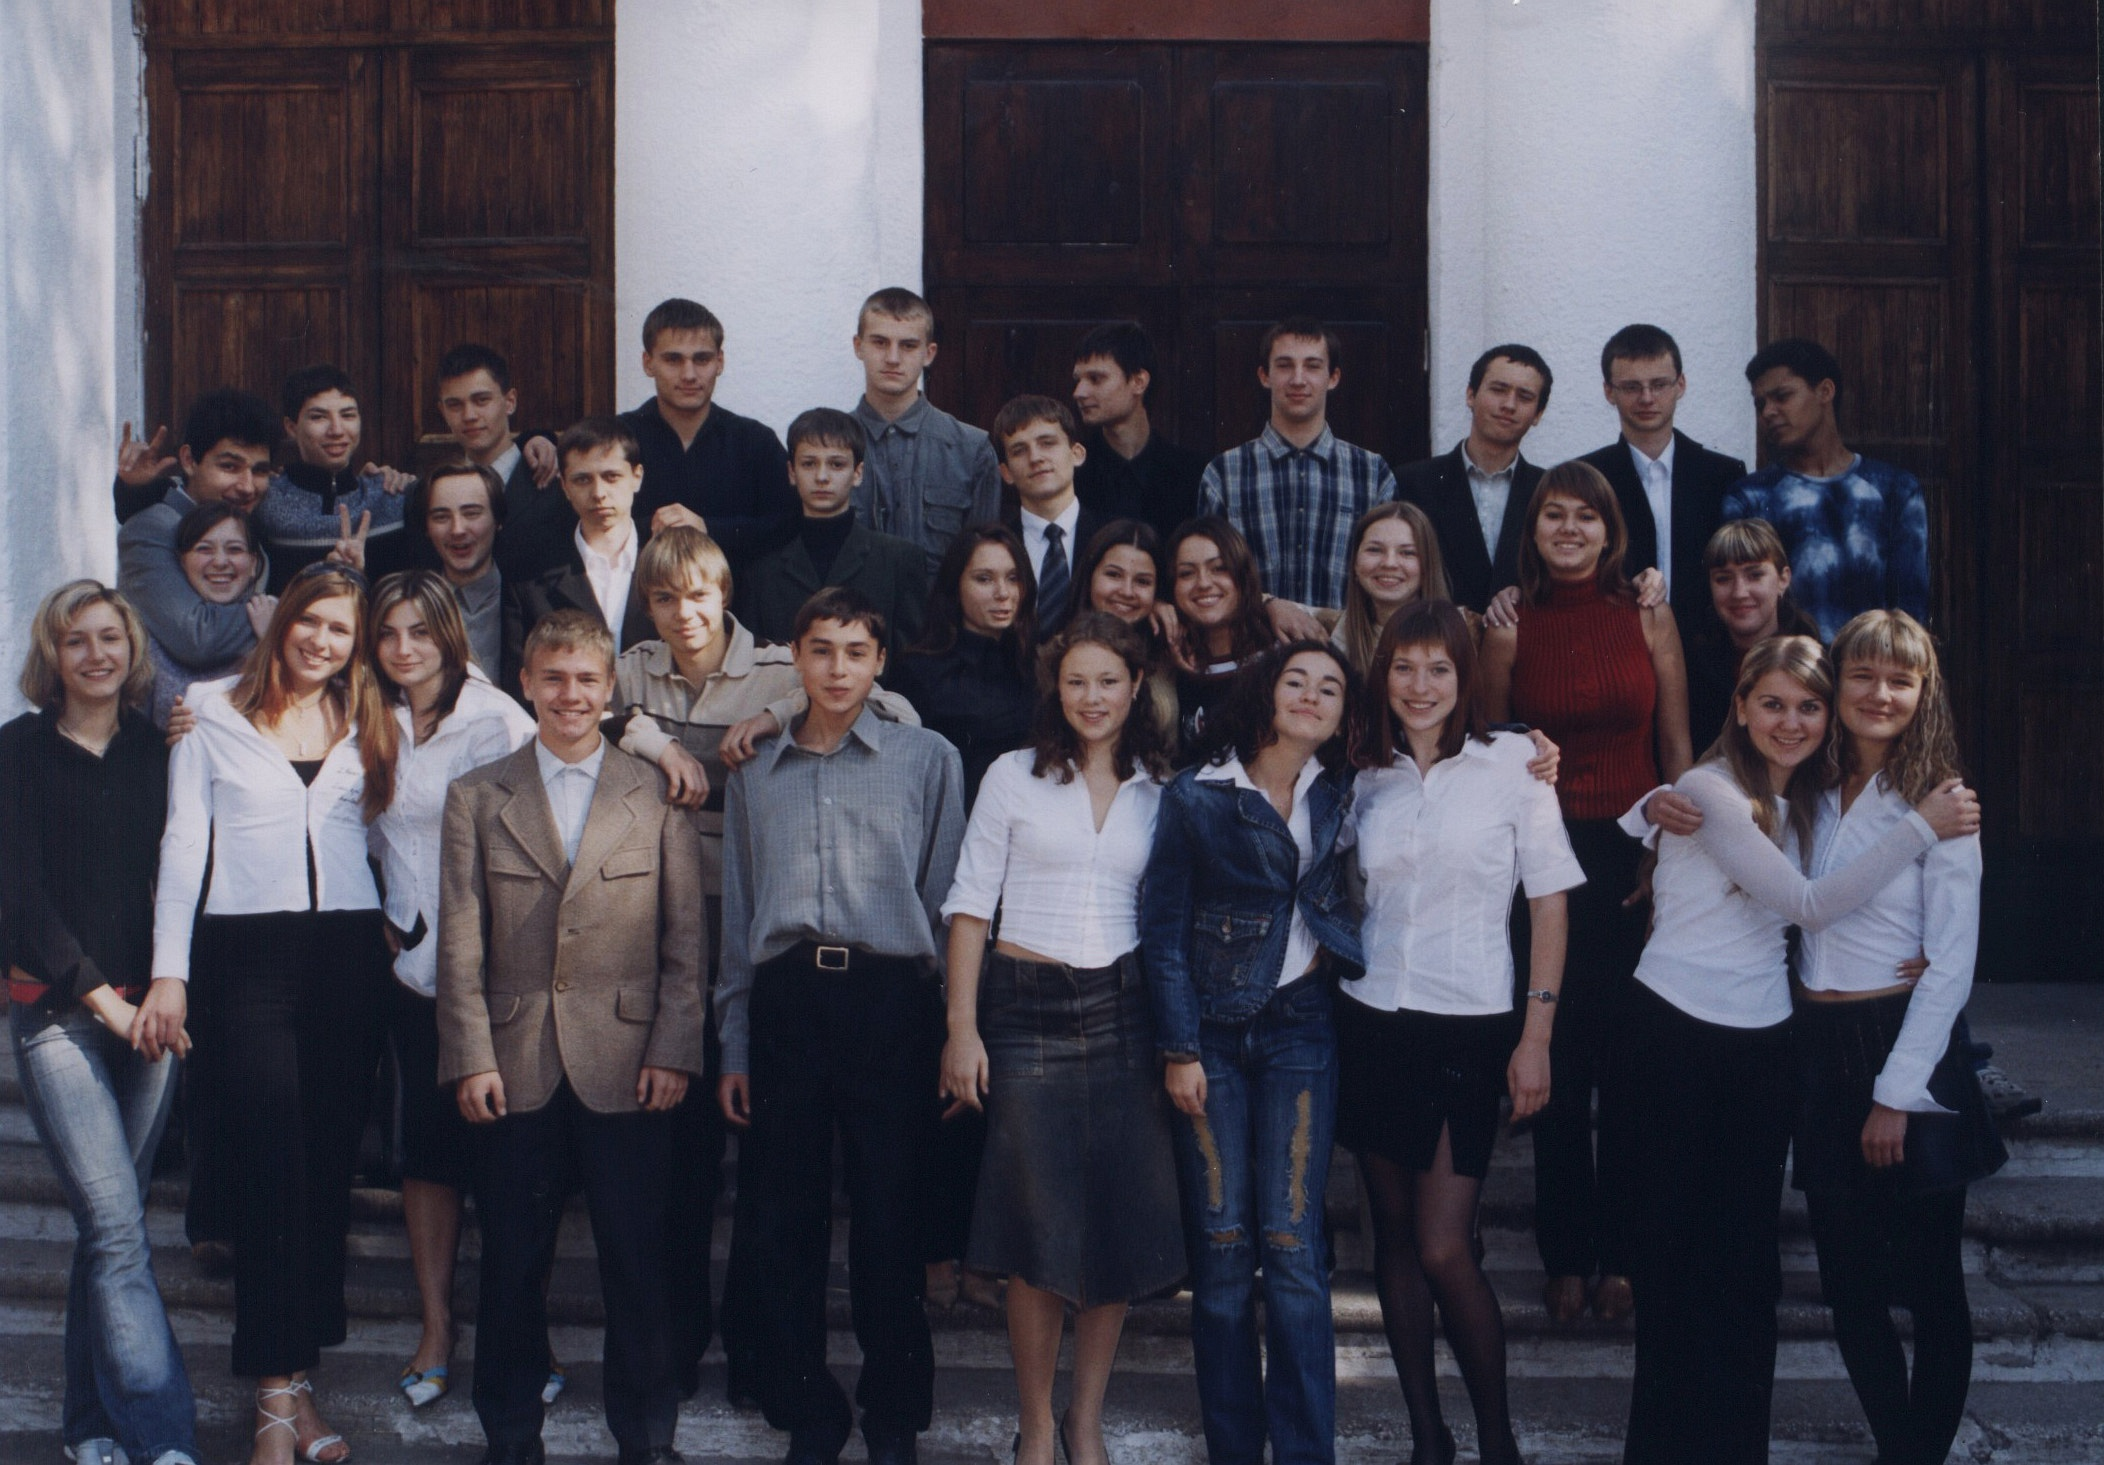 Полтавська гімназія 9 Випуск 2005 11-А Каплонська Галина Василівна